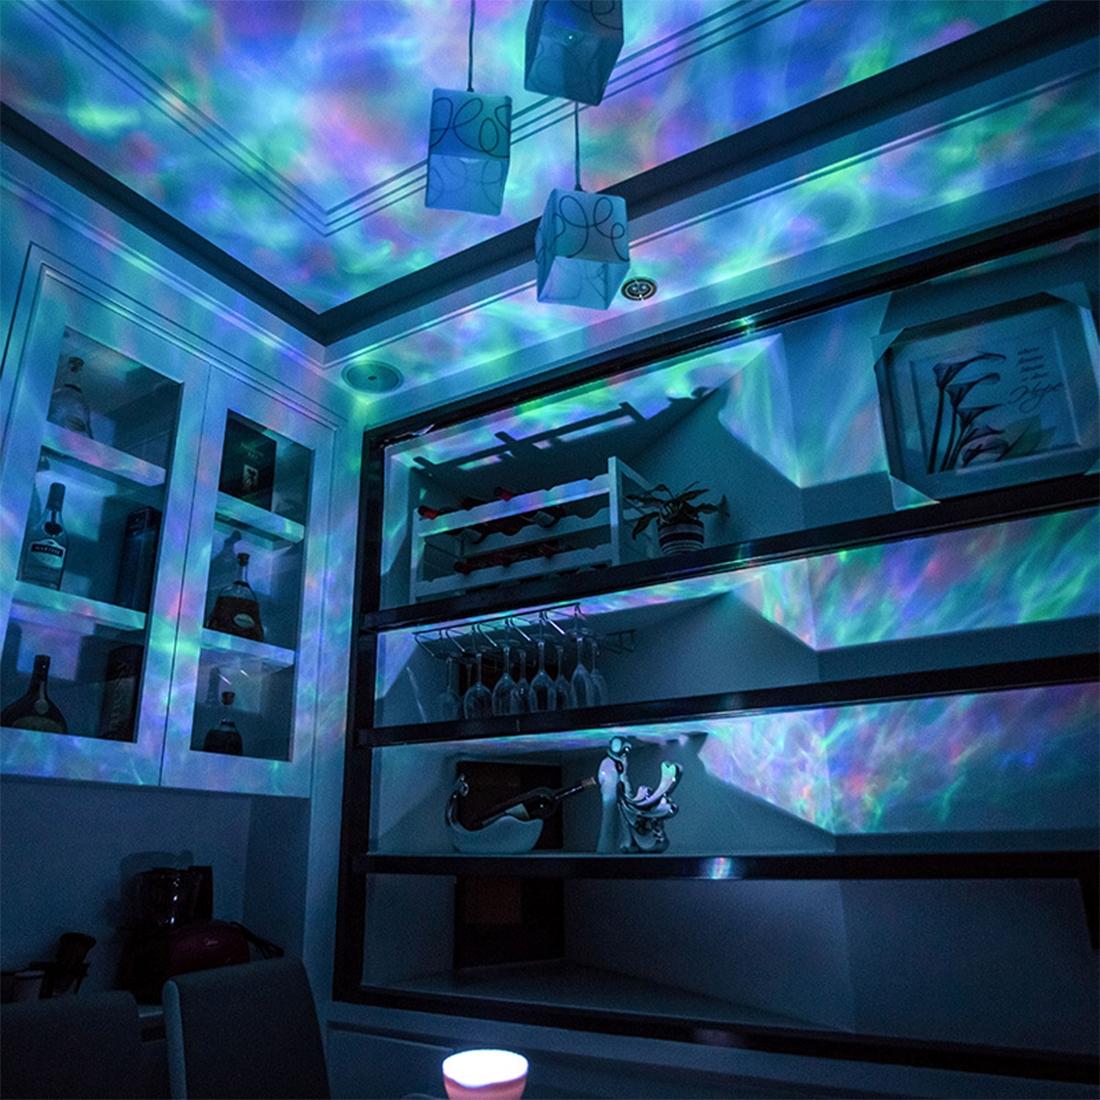 Wellenprojektor, Wasserprojektor. Relaxen mit Licht und Musik